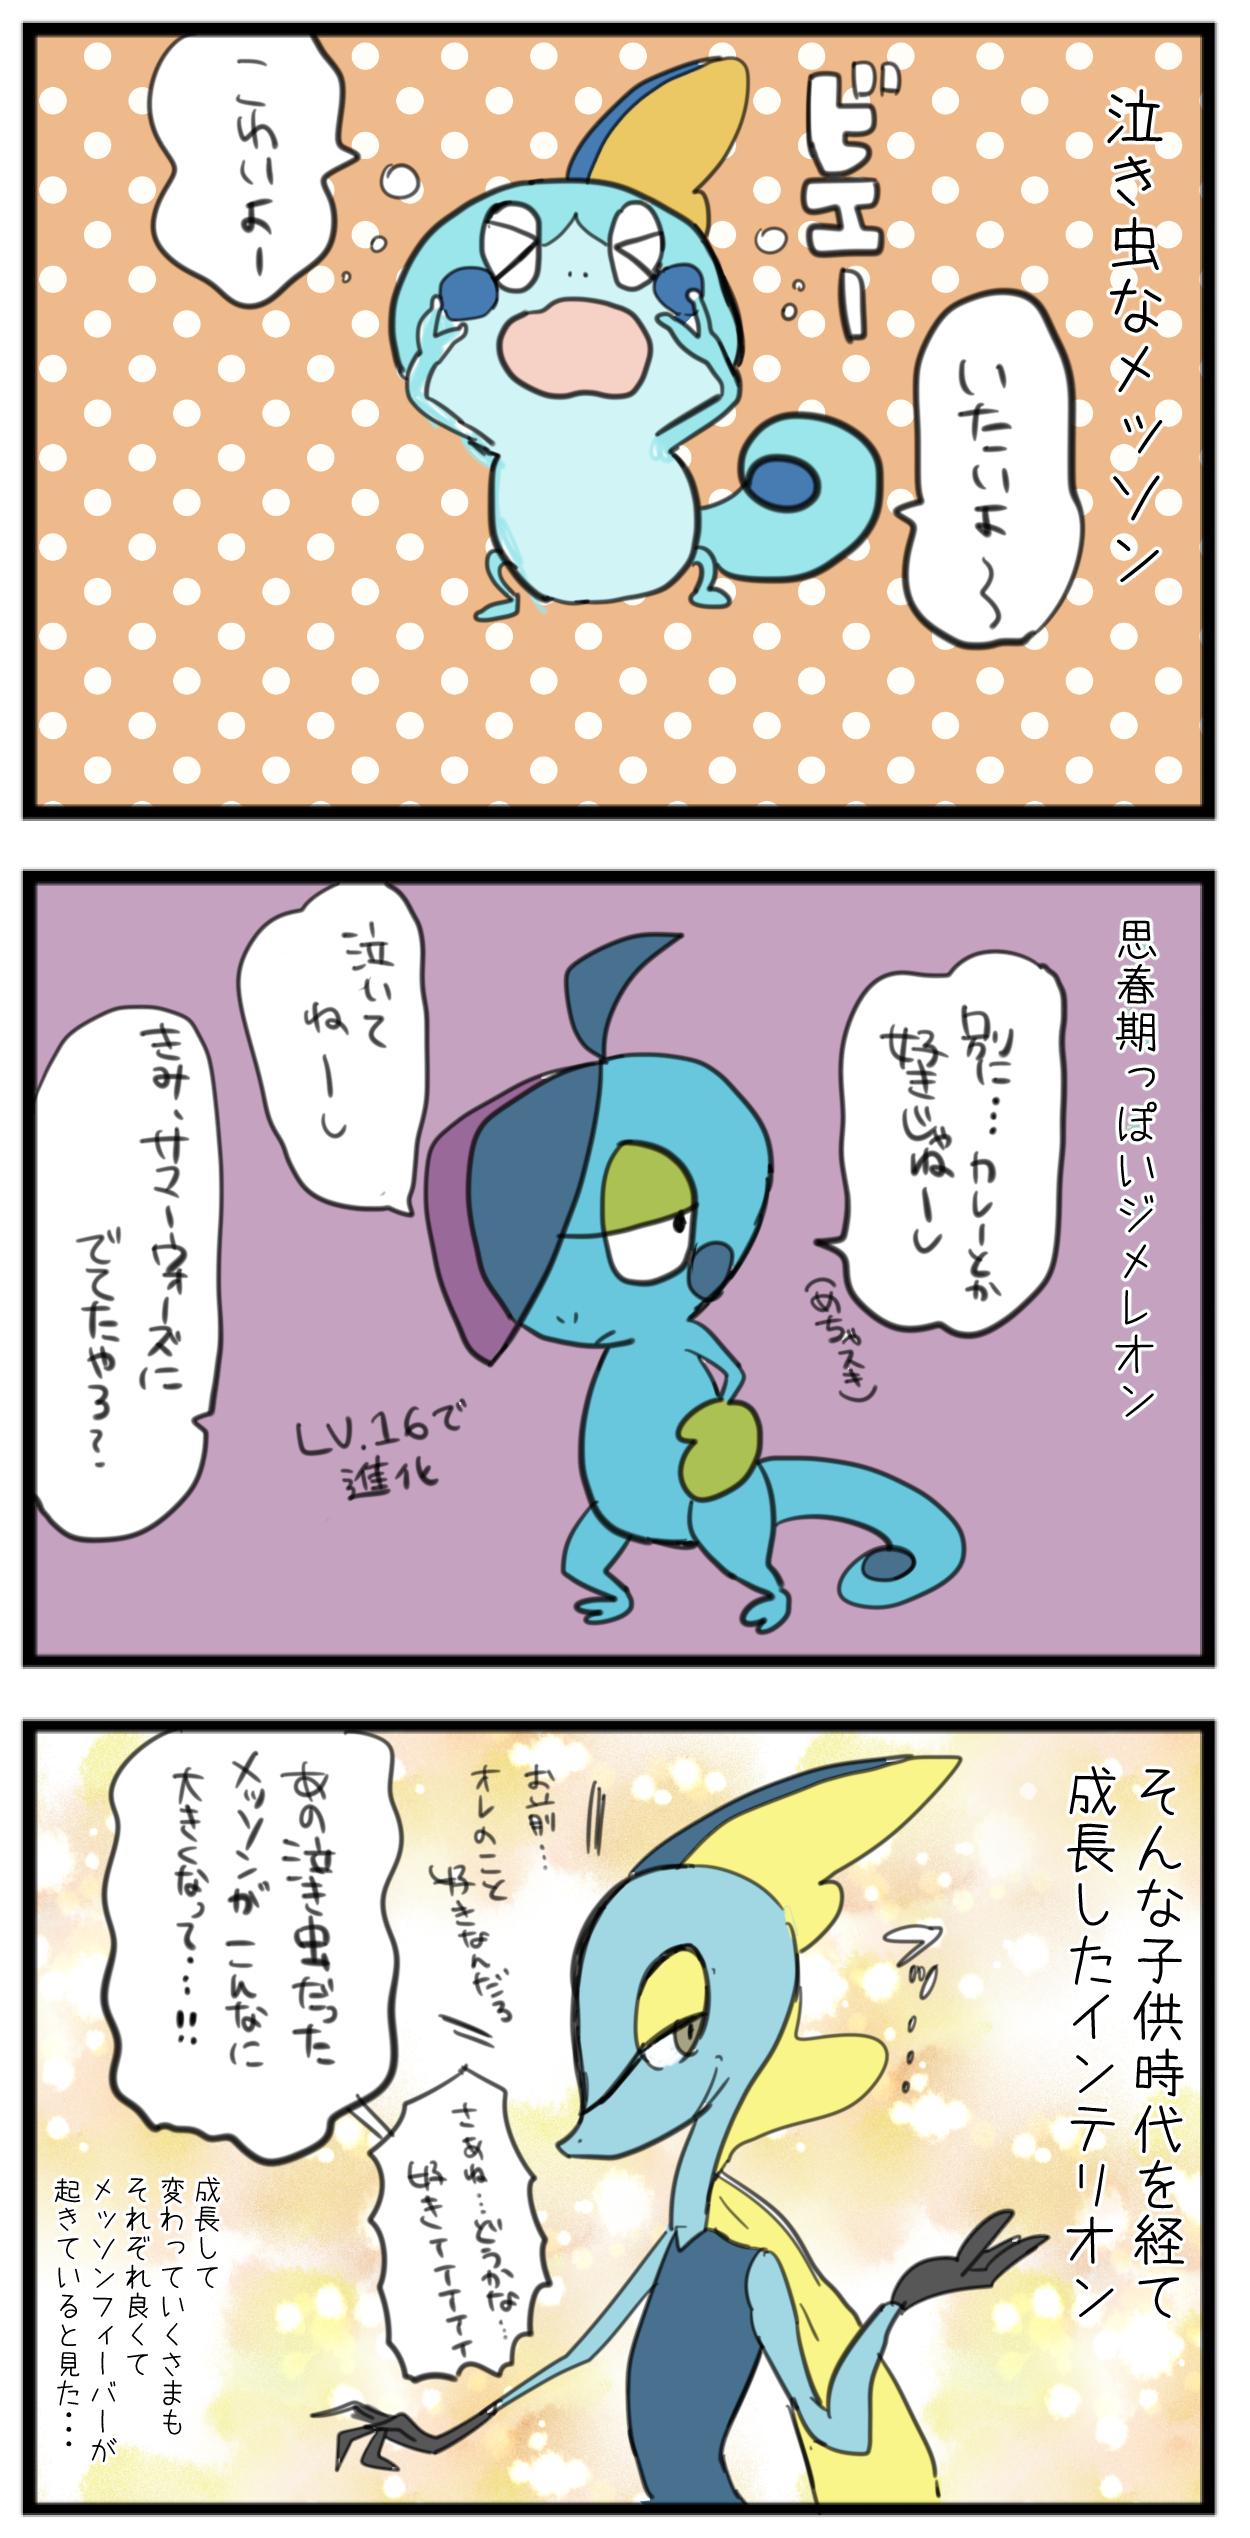 メッソン 盾 ポケモン 剣